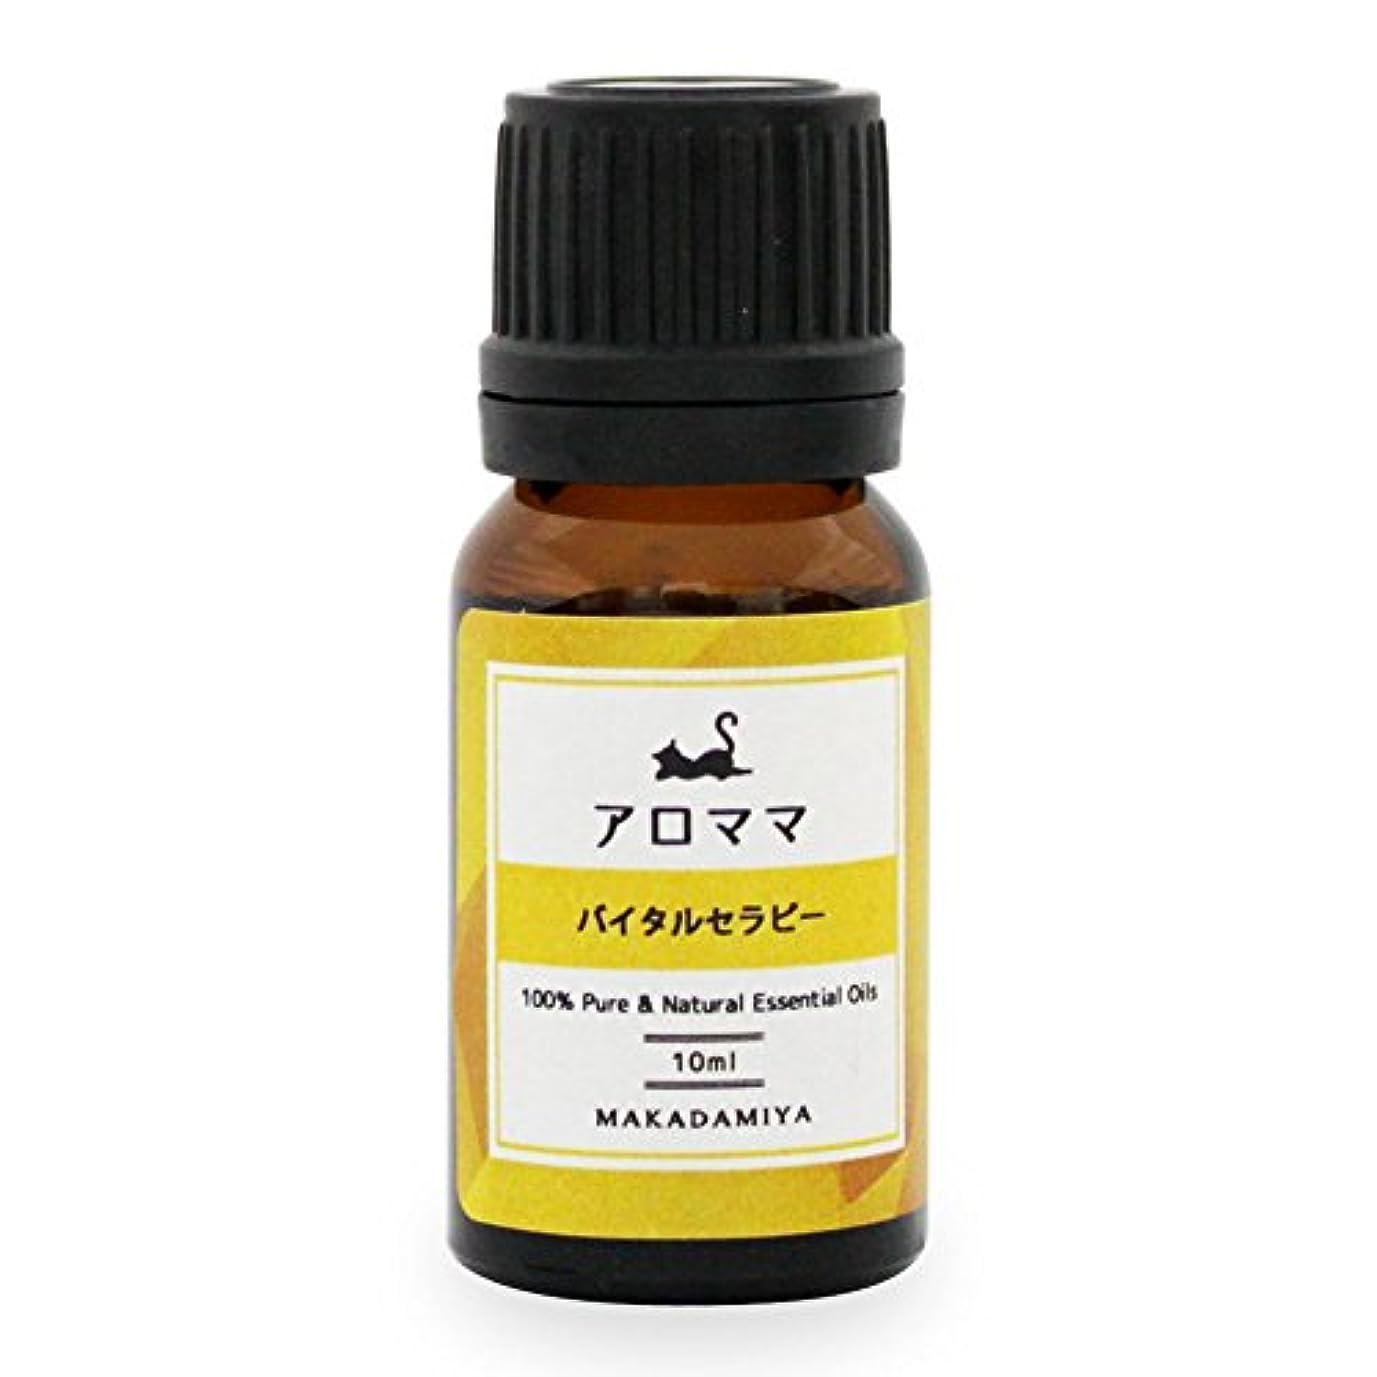 許す強風是正する妊活用アロマ10ml 妊活中の女性の為に特別な香りで癒す。 アロママ